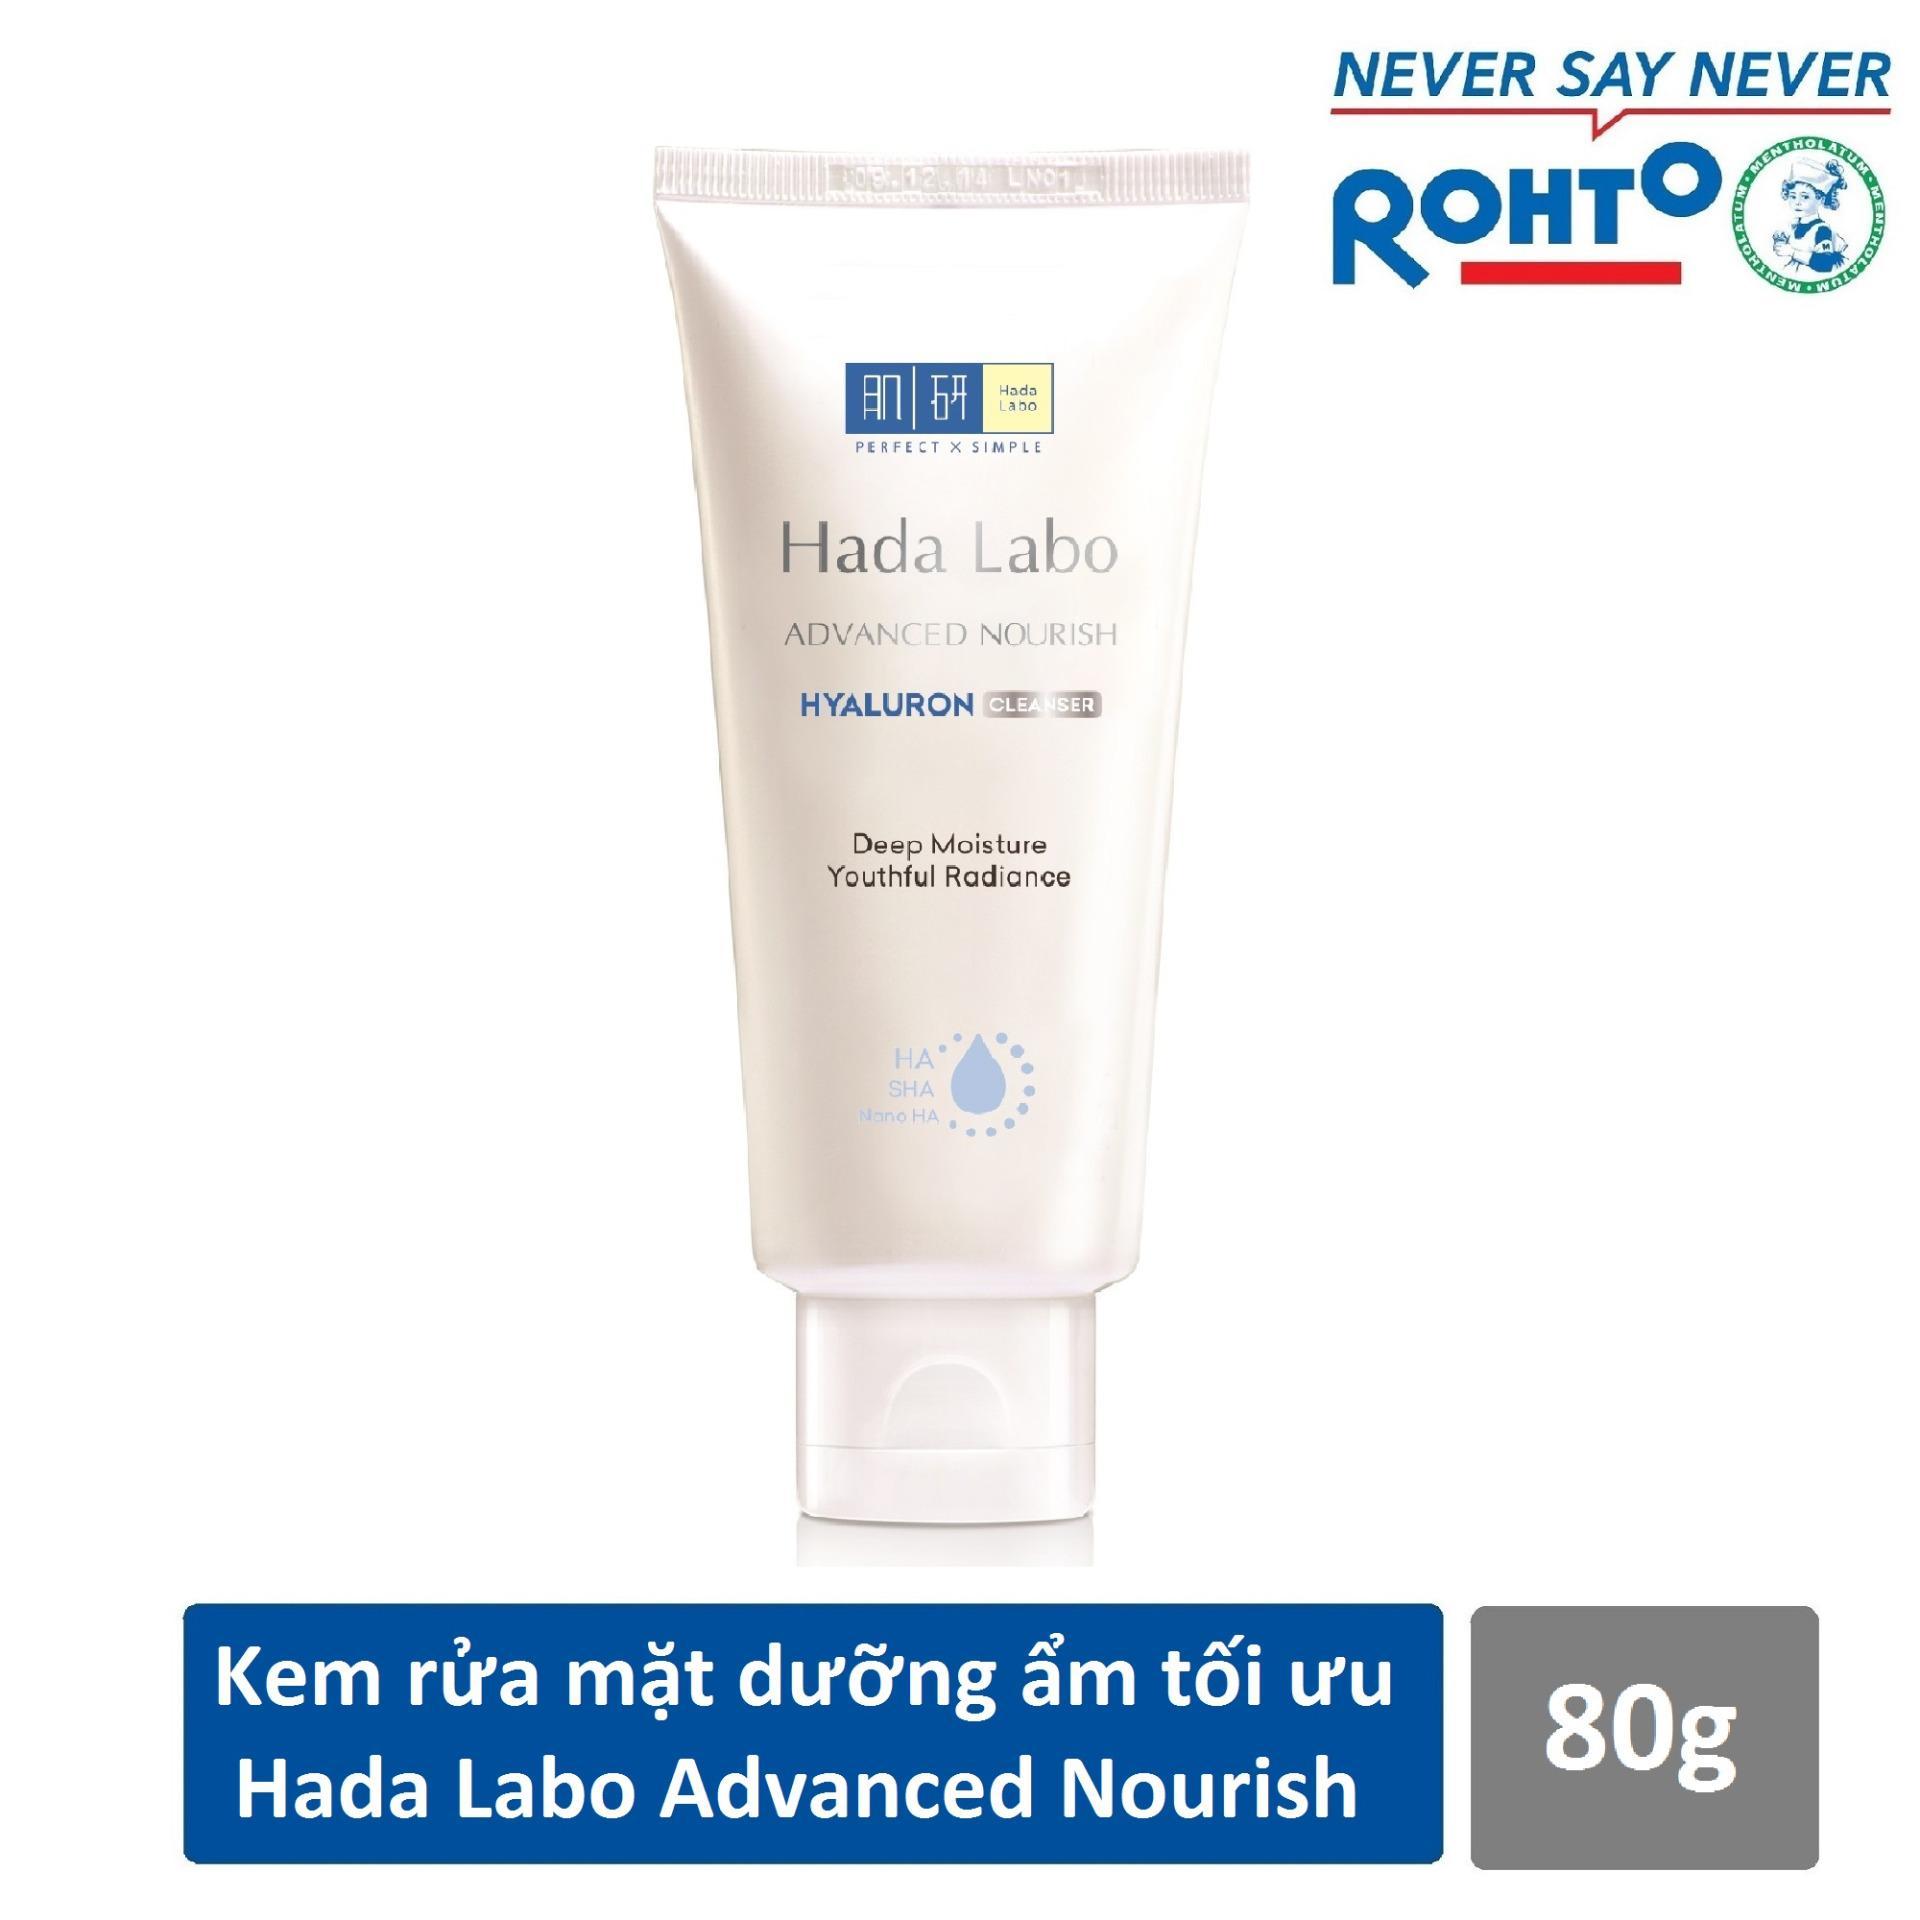 Hình ảnh Kem rửa mặt dưỡng ẩm tối ưu Hada Labo Advanced Nourish Cleanser 80g